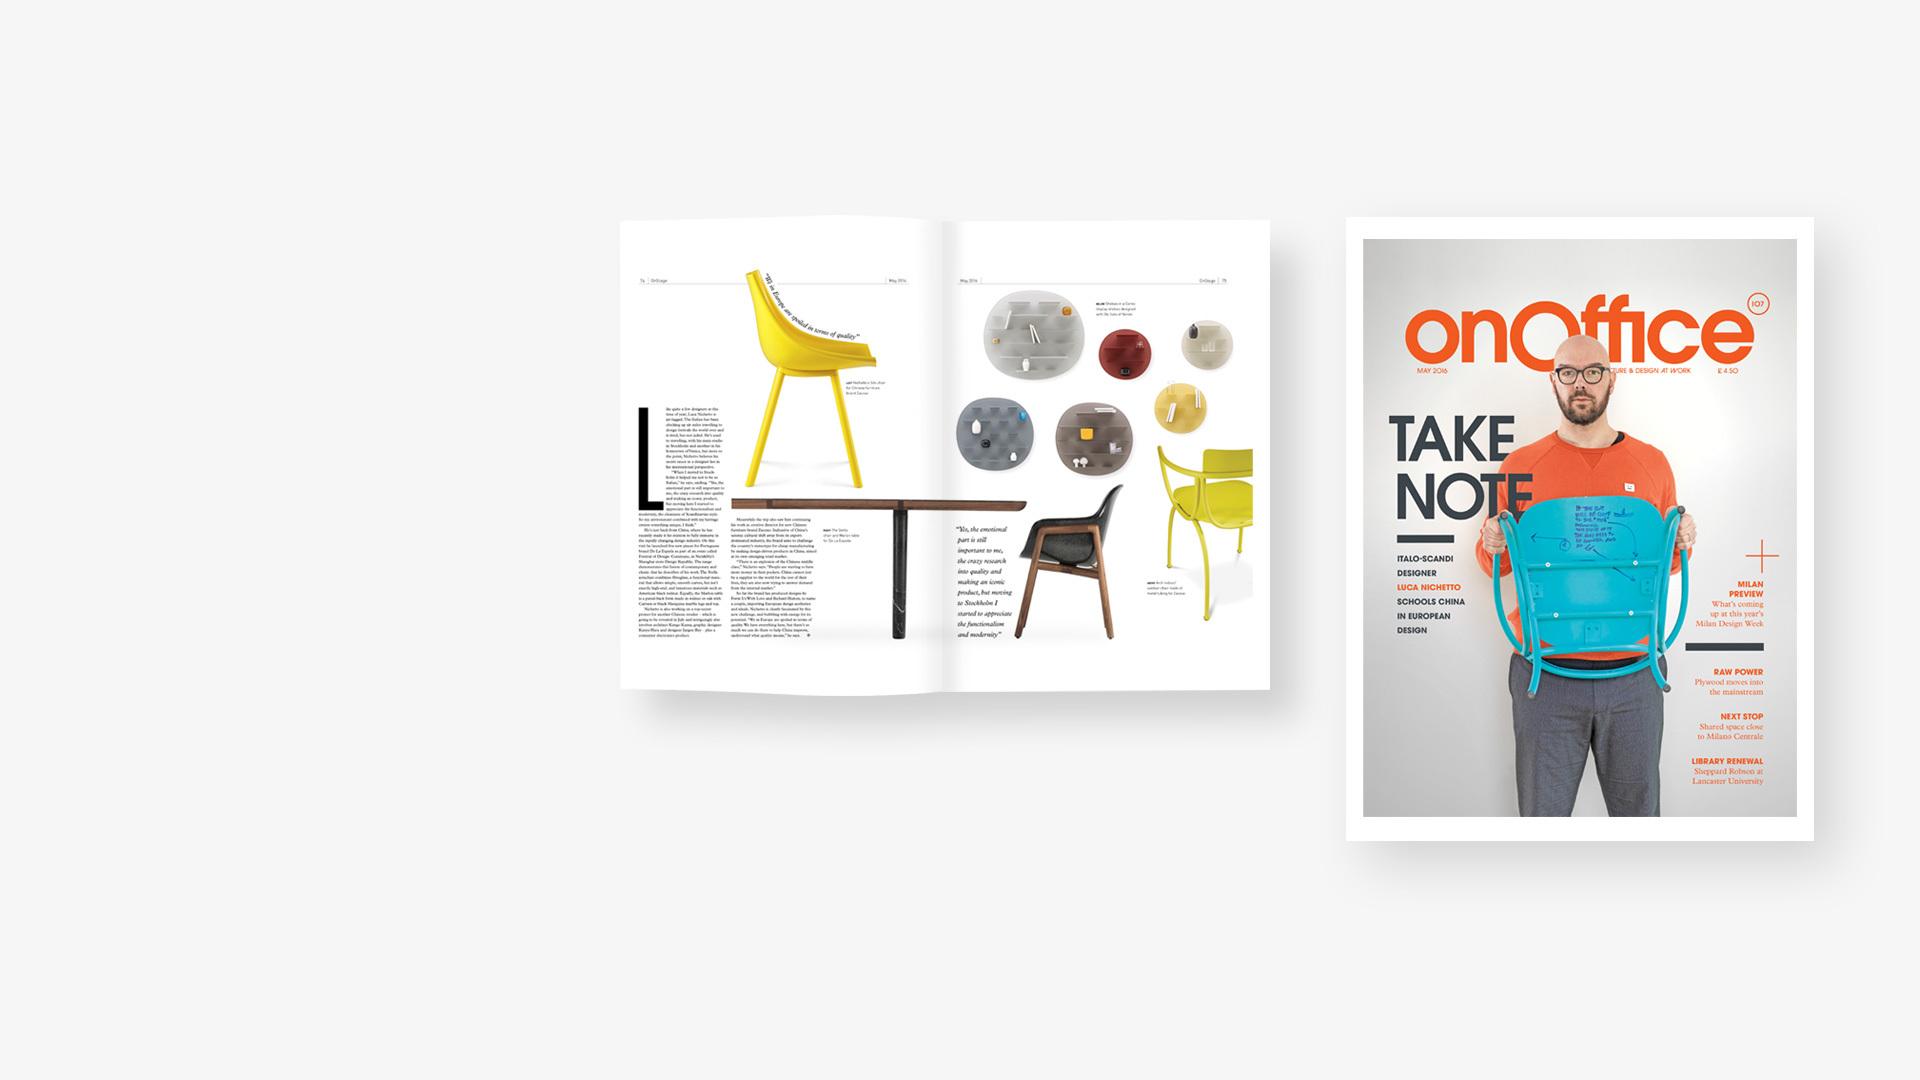 设计师Luca Nichetto<br/>携弓椅登上onOffice封面